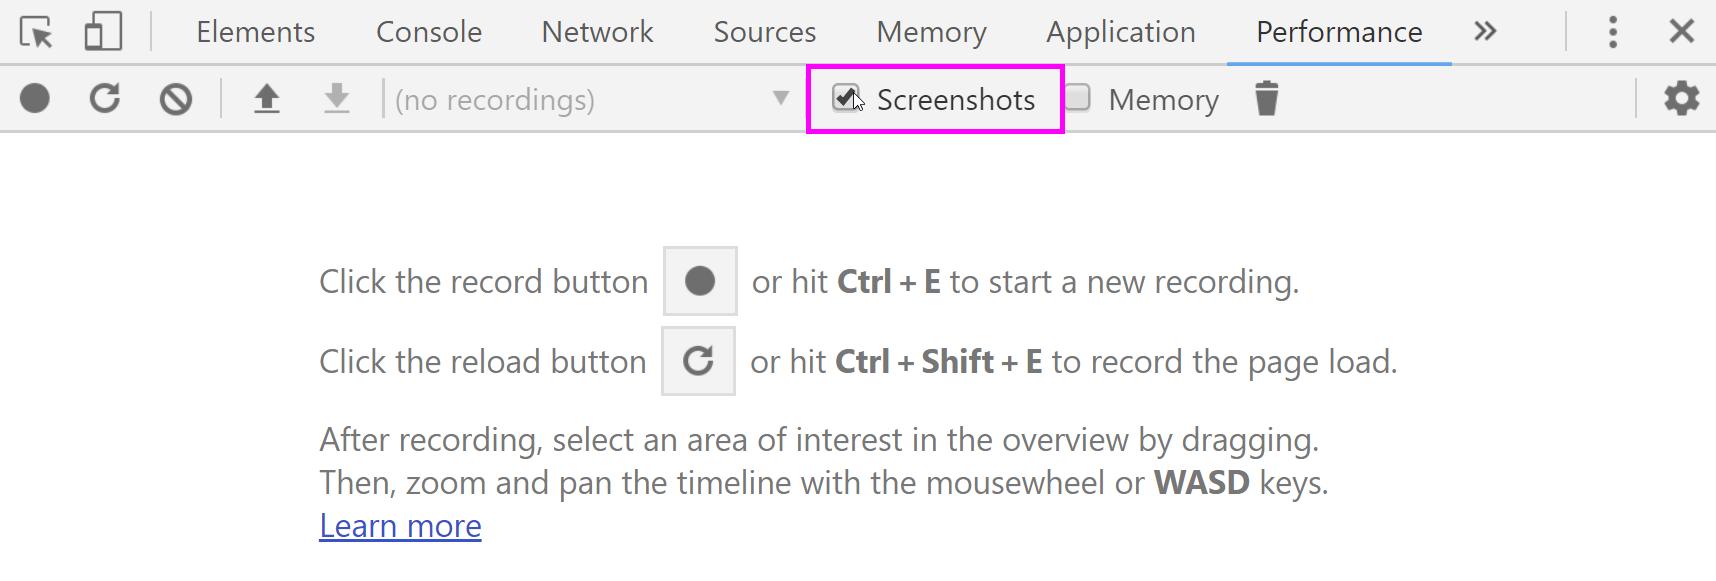 Une image montrant comment accéder à Screenshots